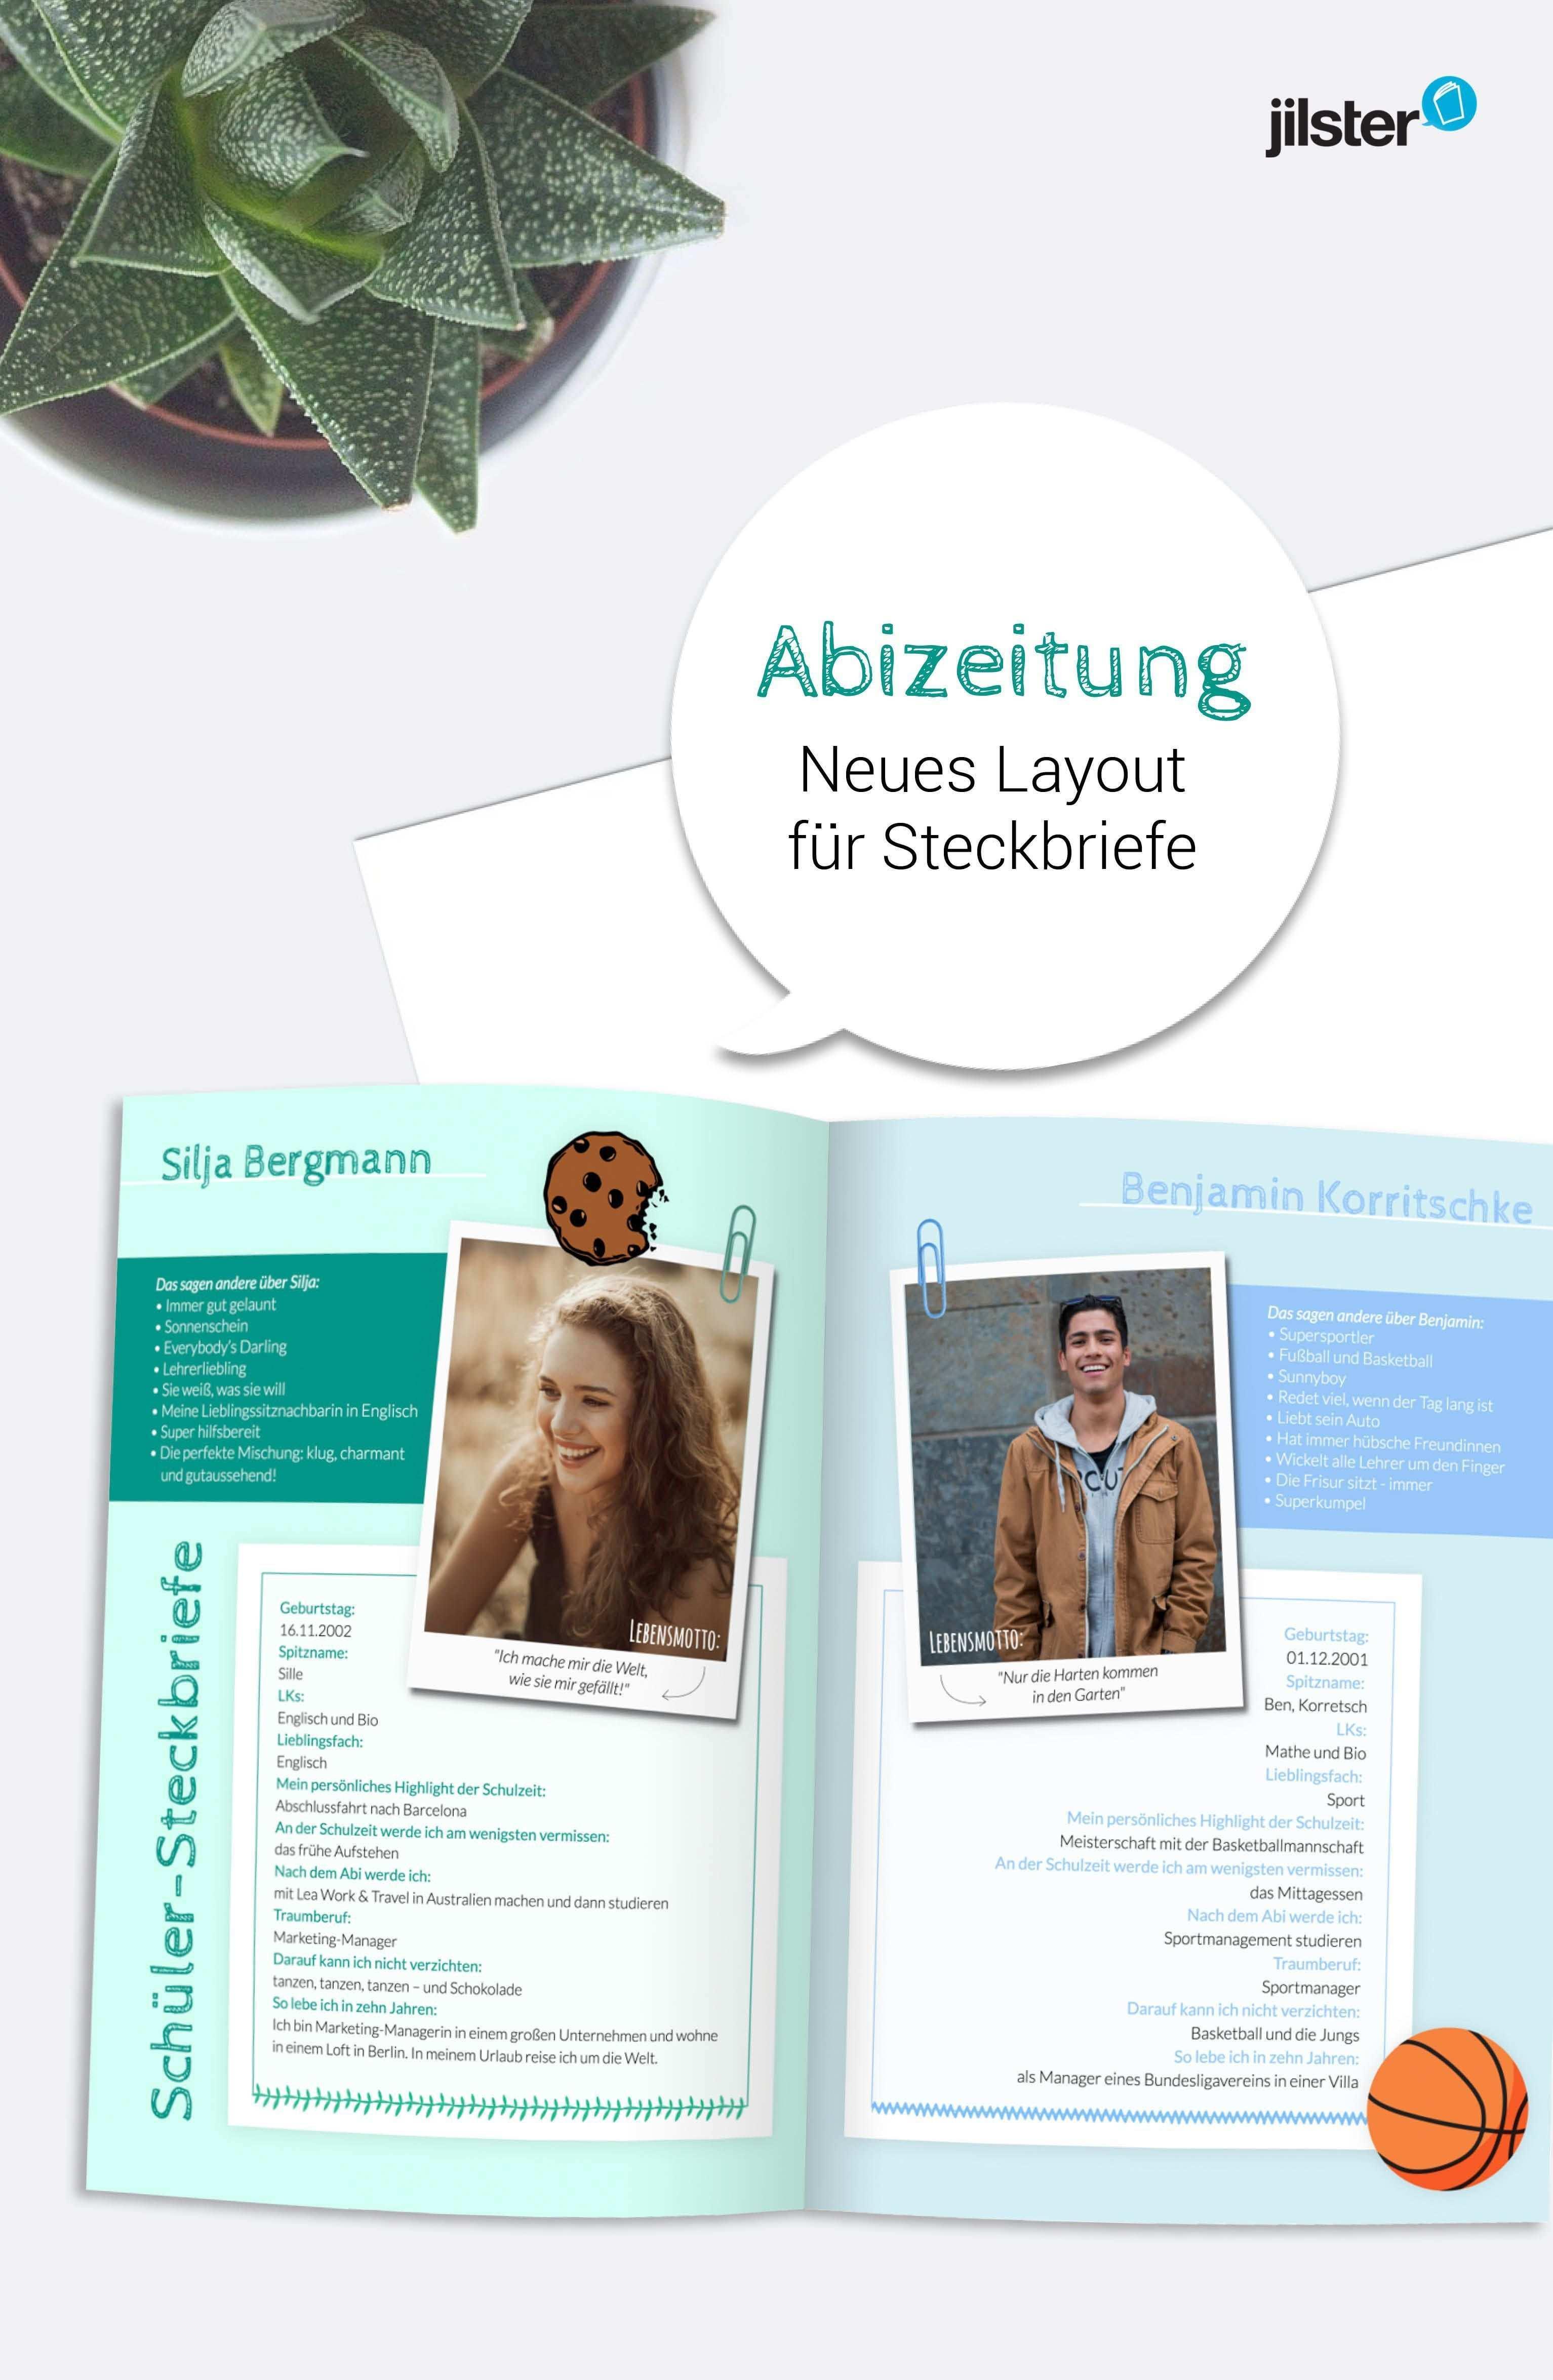 Abizeitung Steckbriefe Wollen Alle Lesen Jilster Blog Abizeitung Zeitung Steckbrief